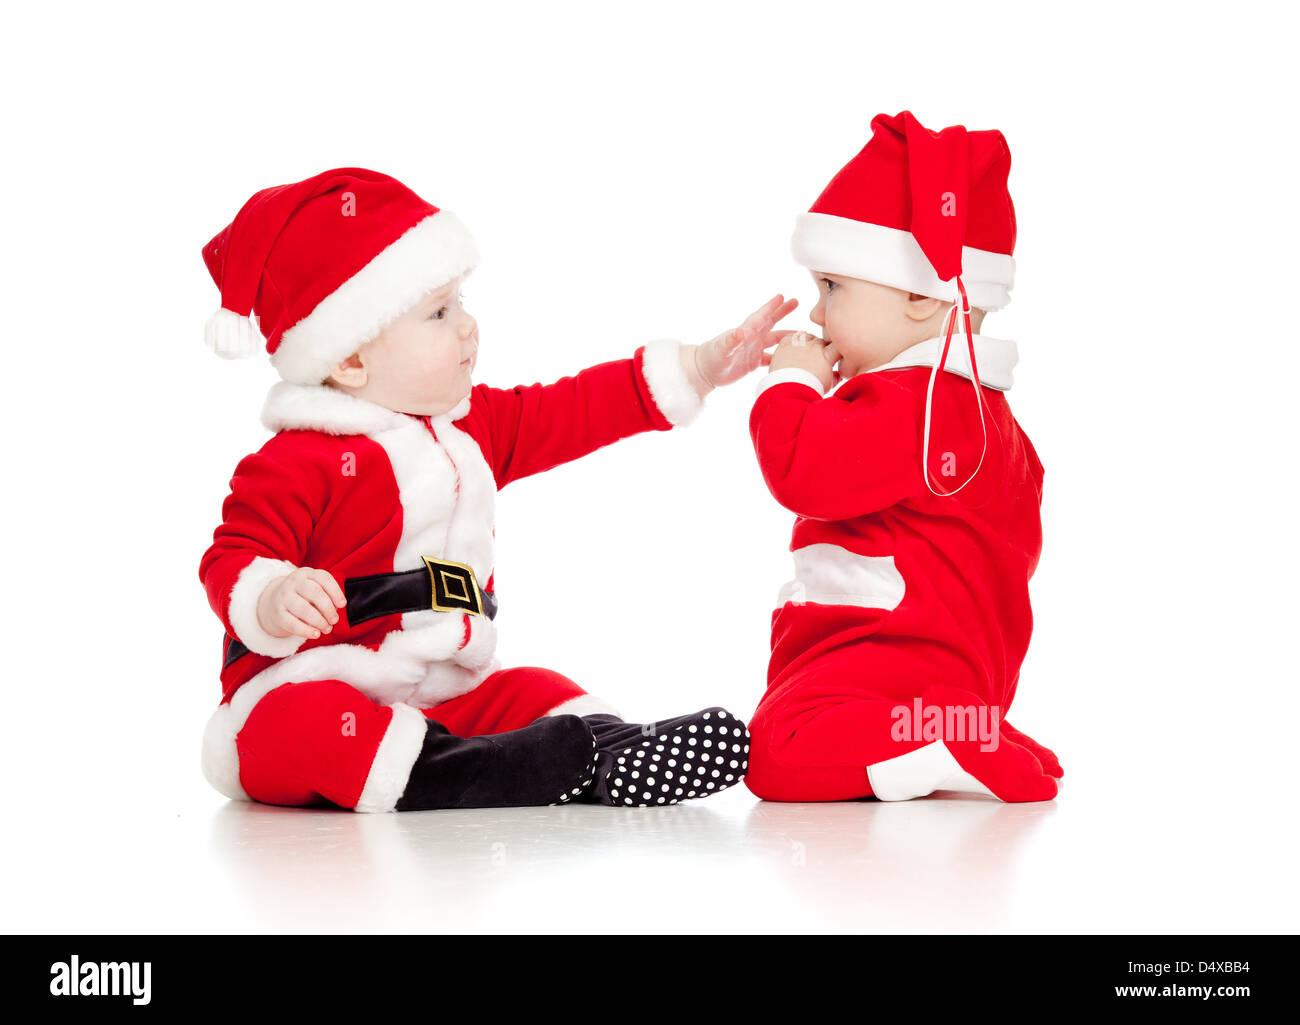 b11c723ccc48e Deux bébés drôles au Père Noël vêtements jouent ensemble isolé sur fond  blanc